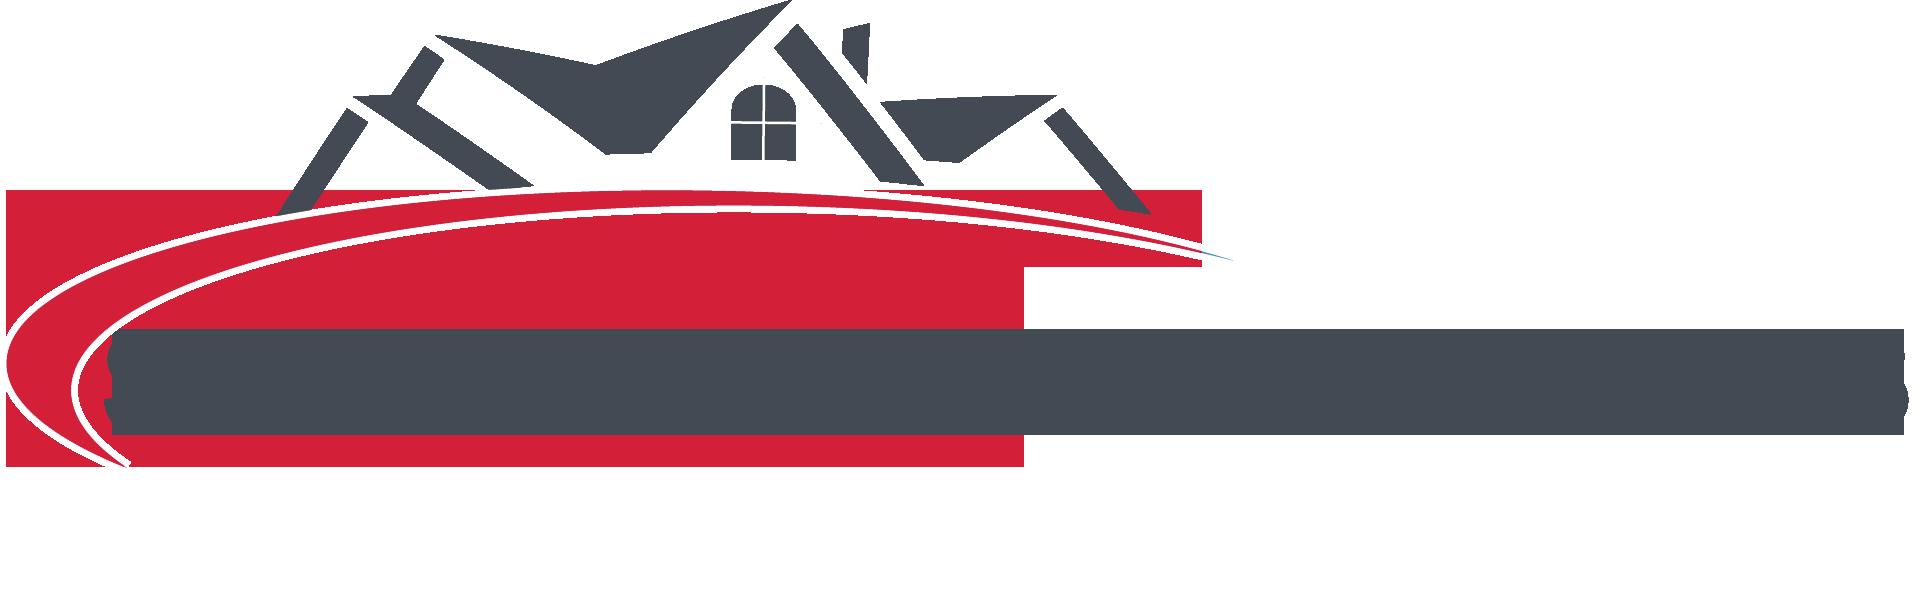 sa-investor-rentals